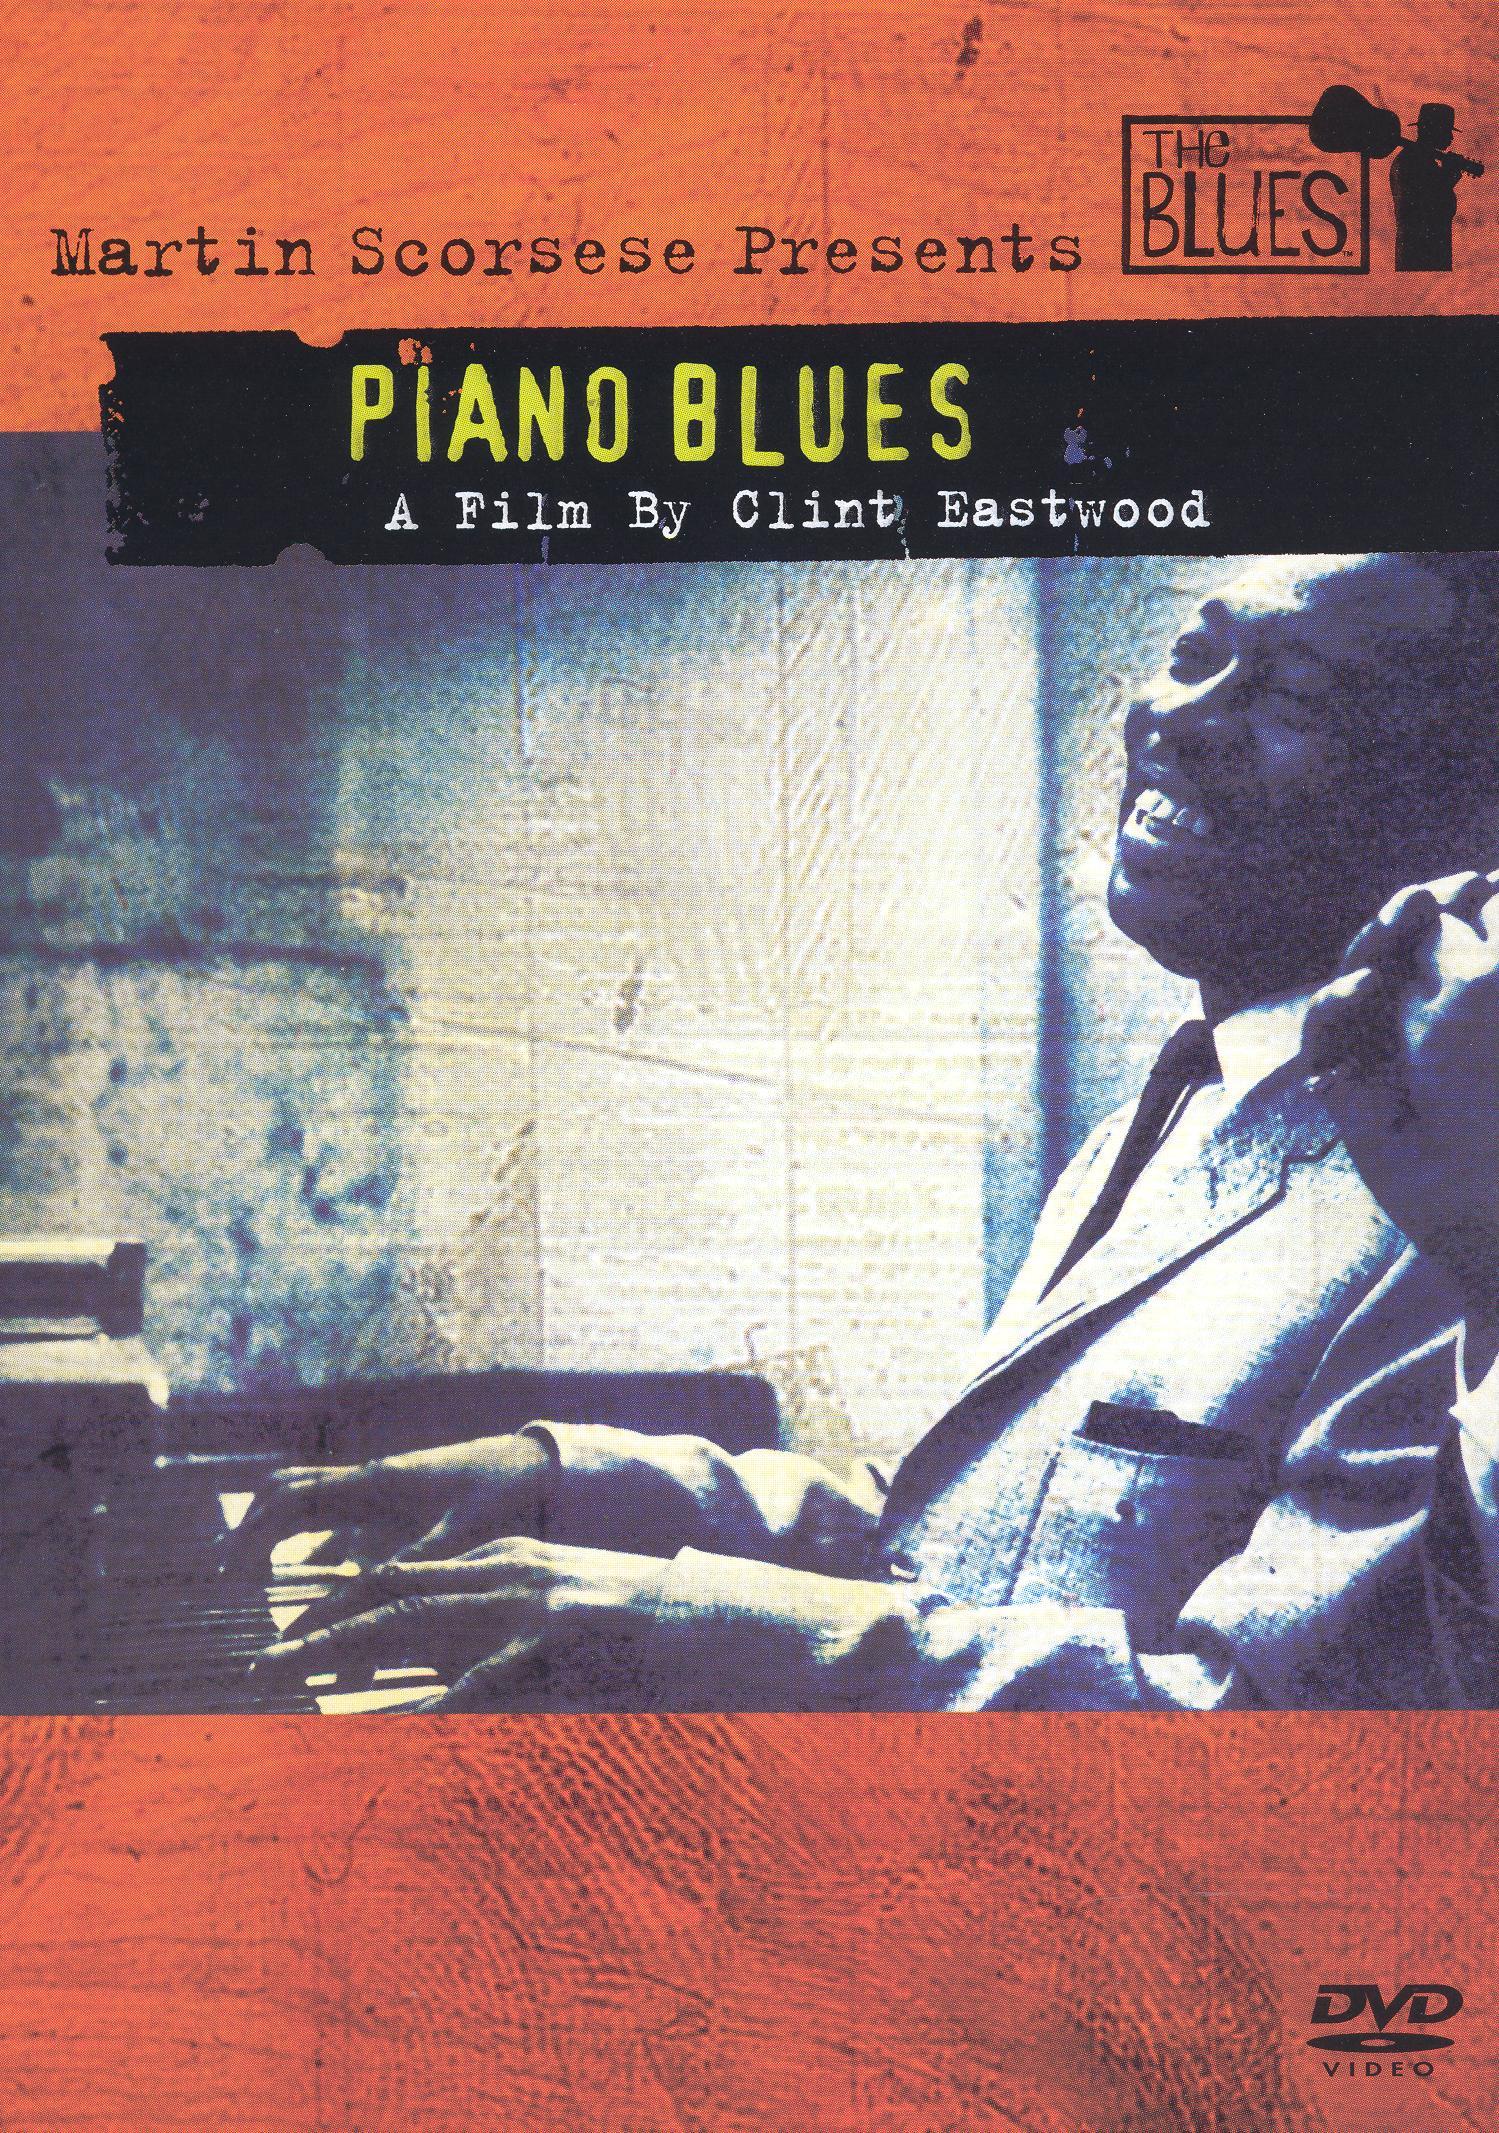 The Blues: Piano Blues